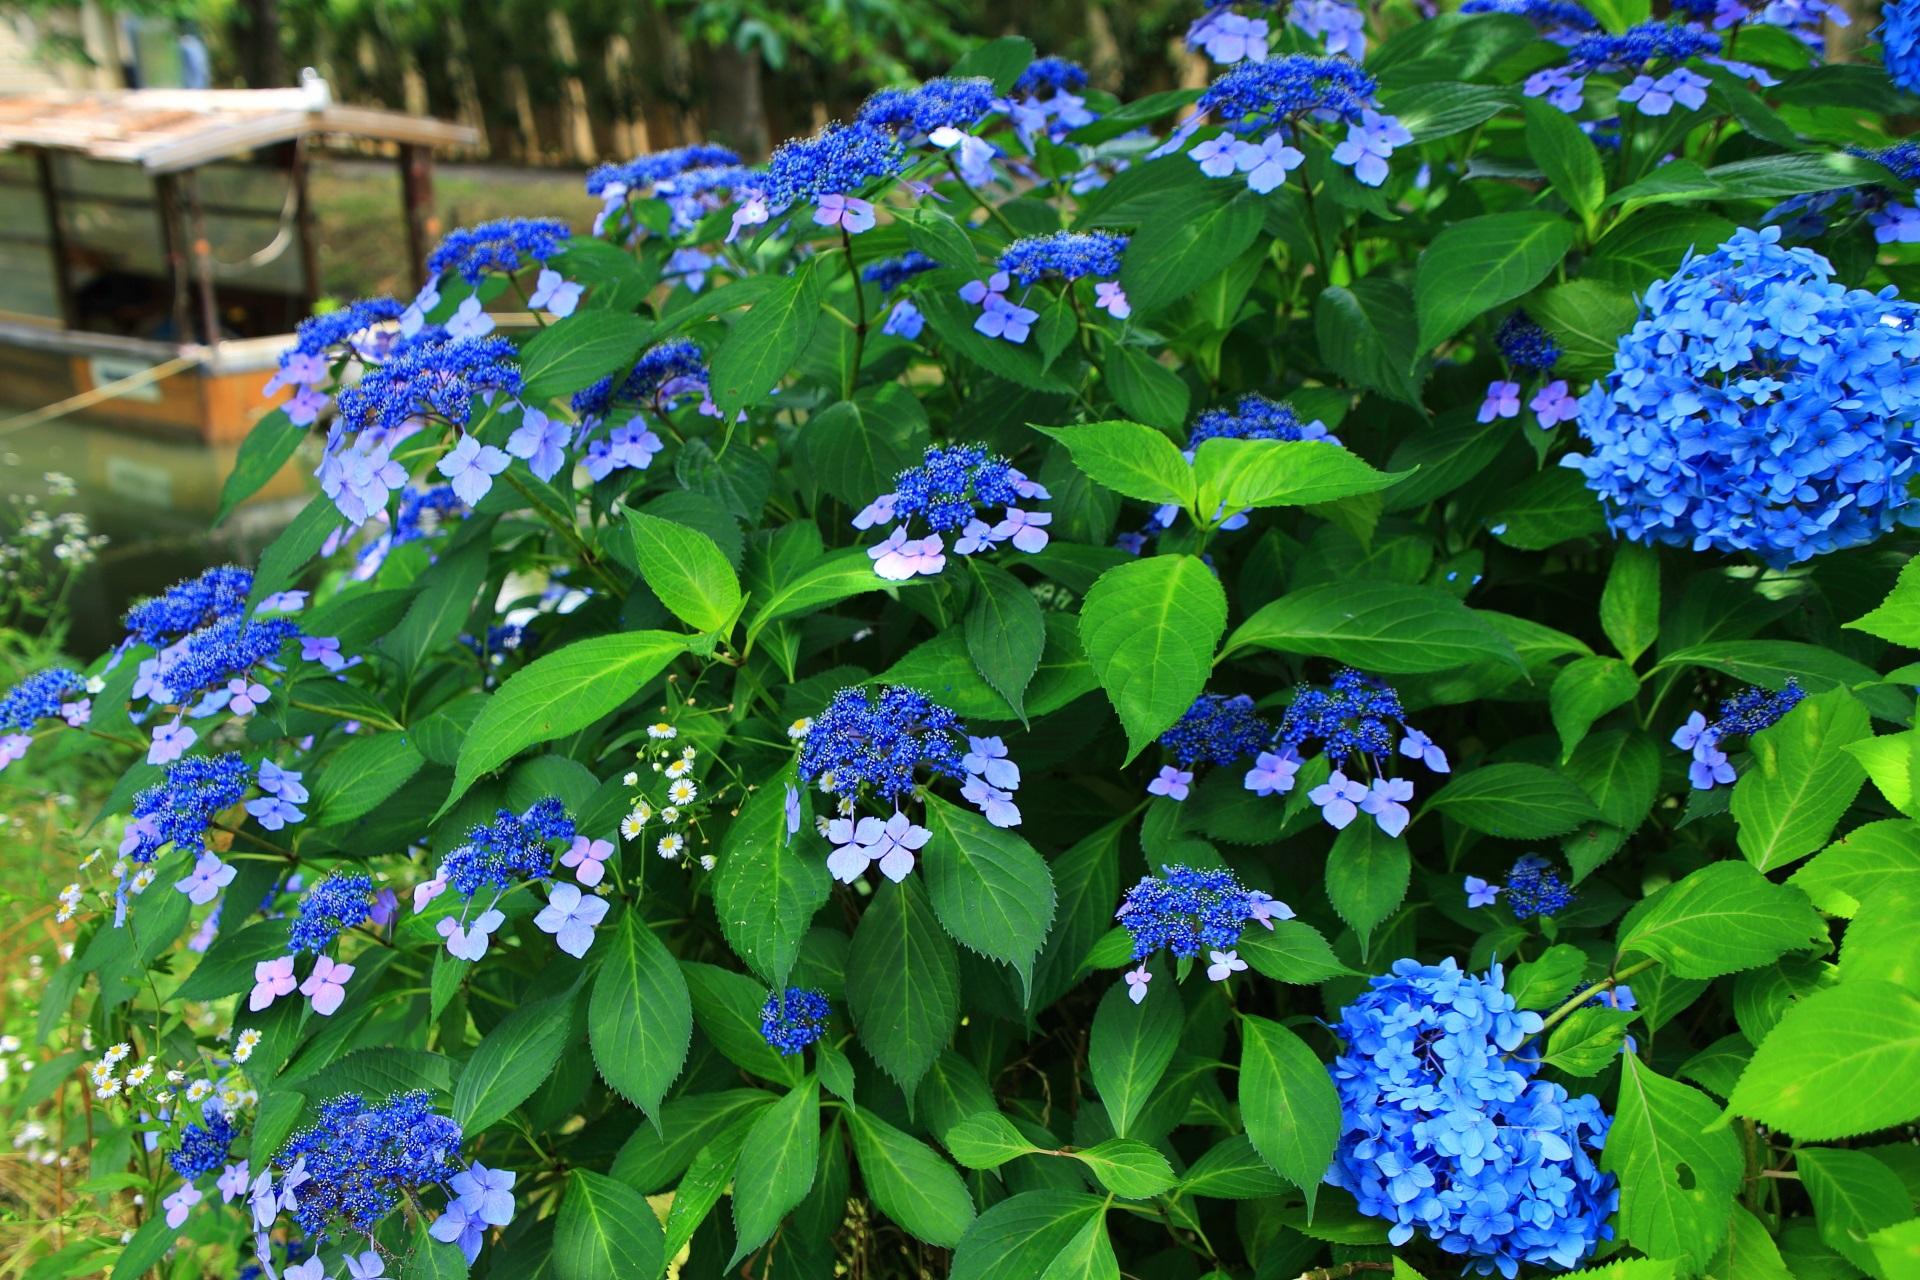 宇治川派流の鮮やかな青い紫陽花と風情ある十石舟